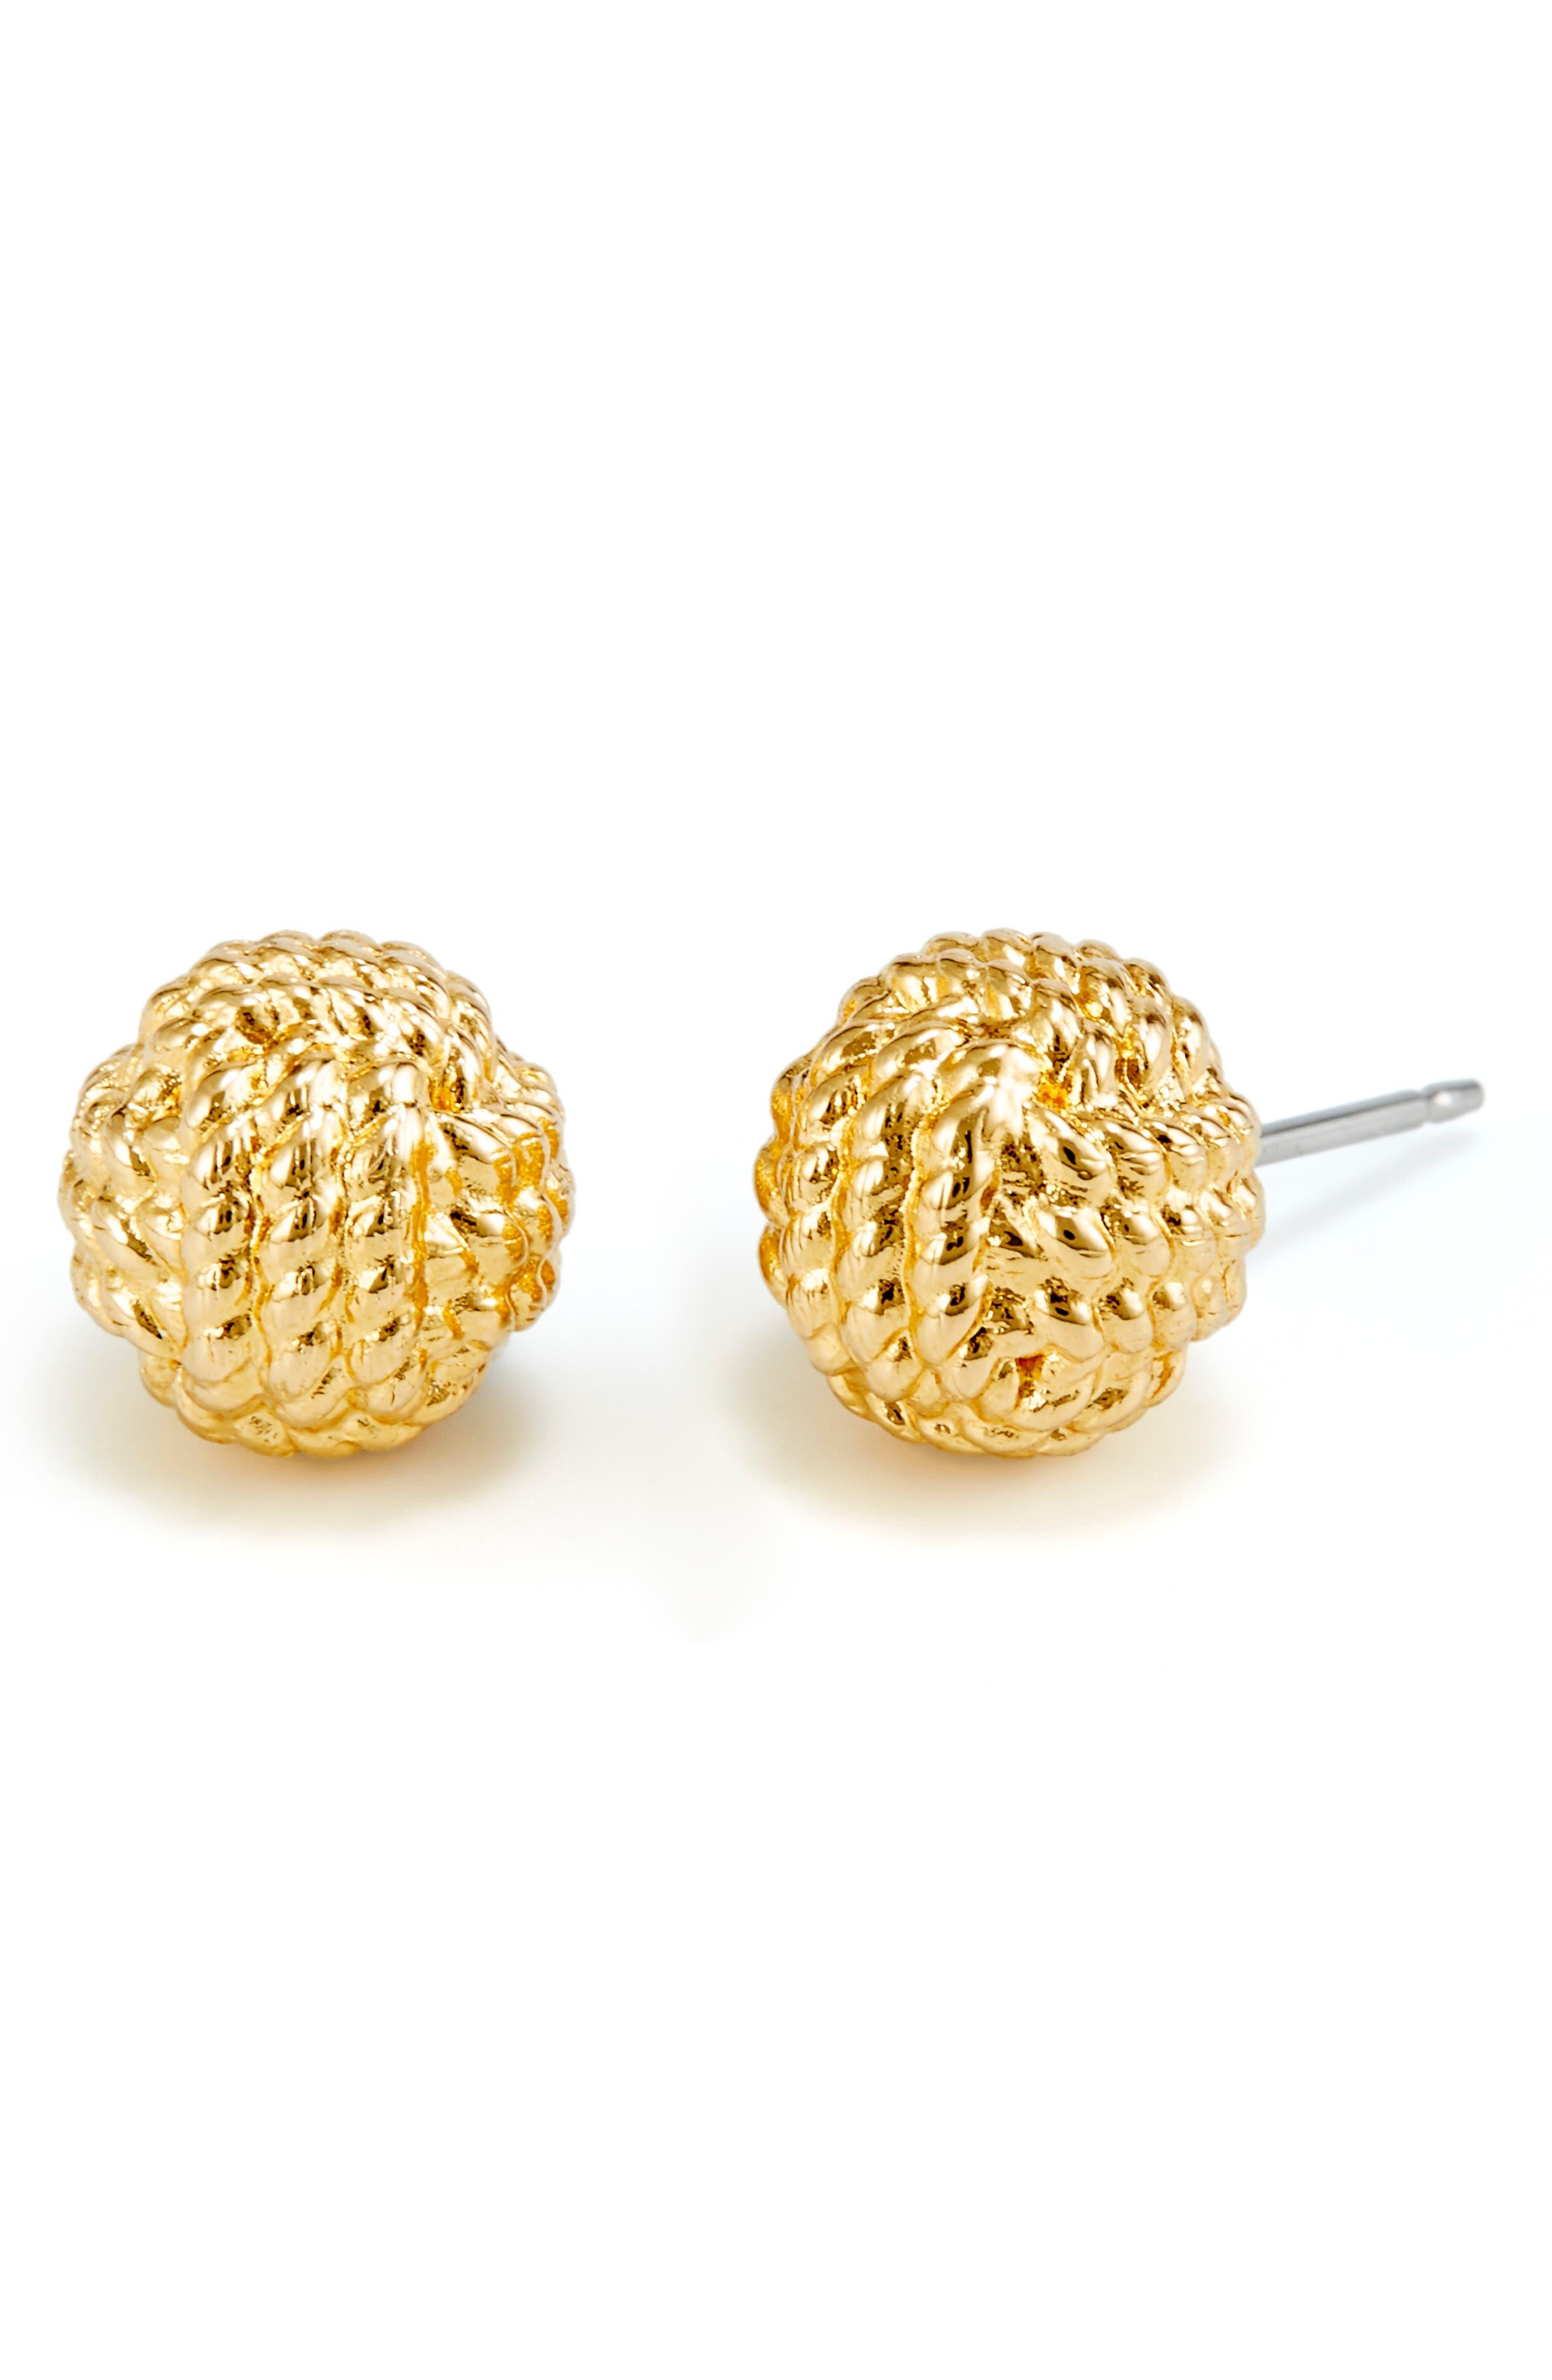 Parker Knot Stud Earrings